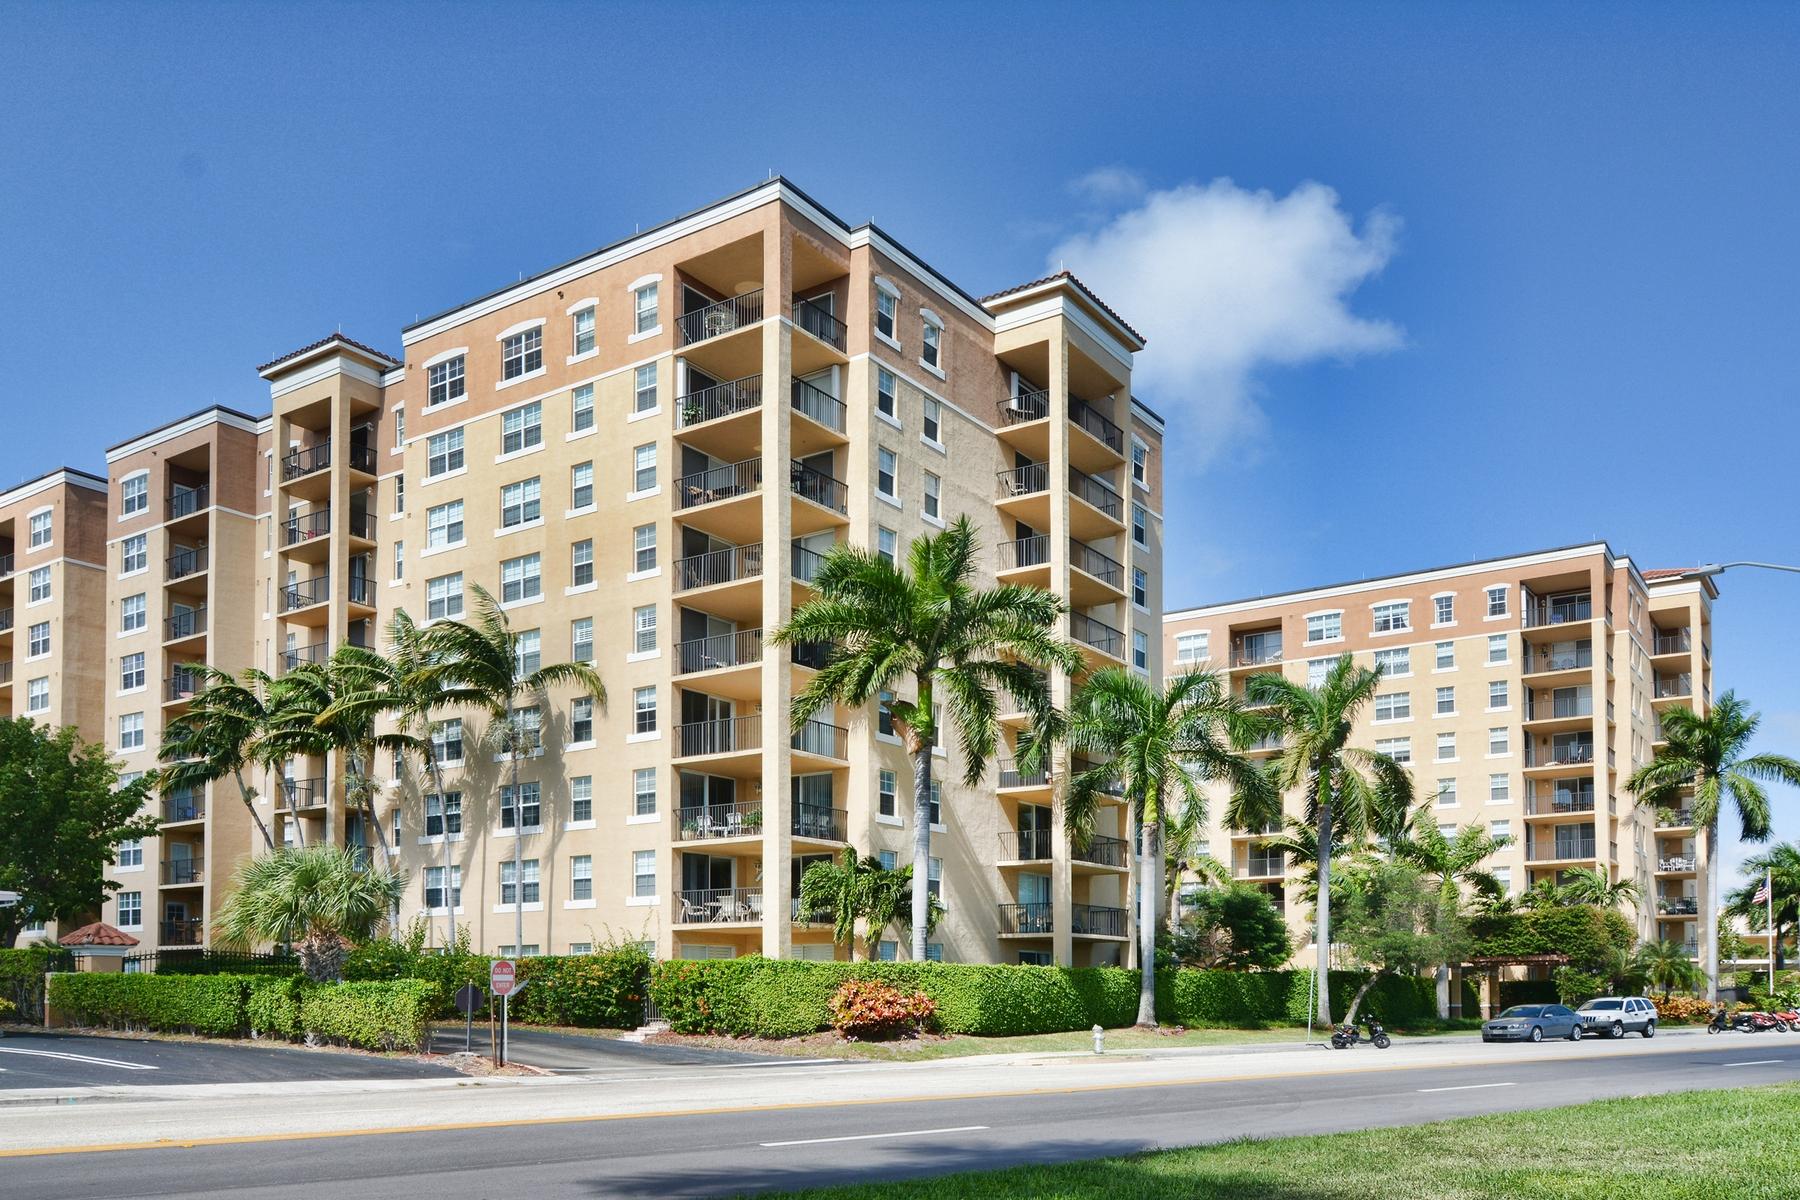 Кооперативная квартира для того Продажа на 1801 N Flagler Dr., 804 West Palm Beach, Флорида, 33407 Соединенные Штаты